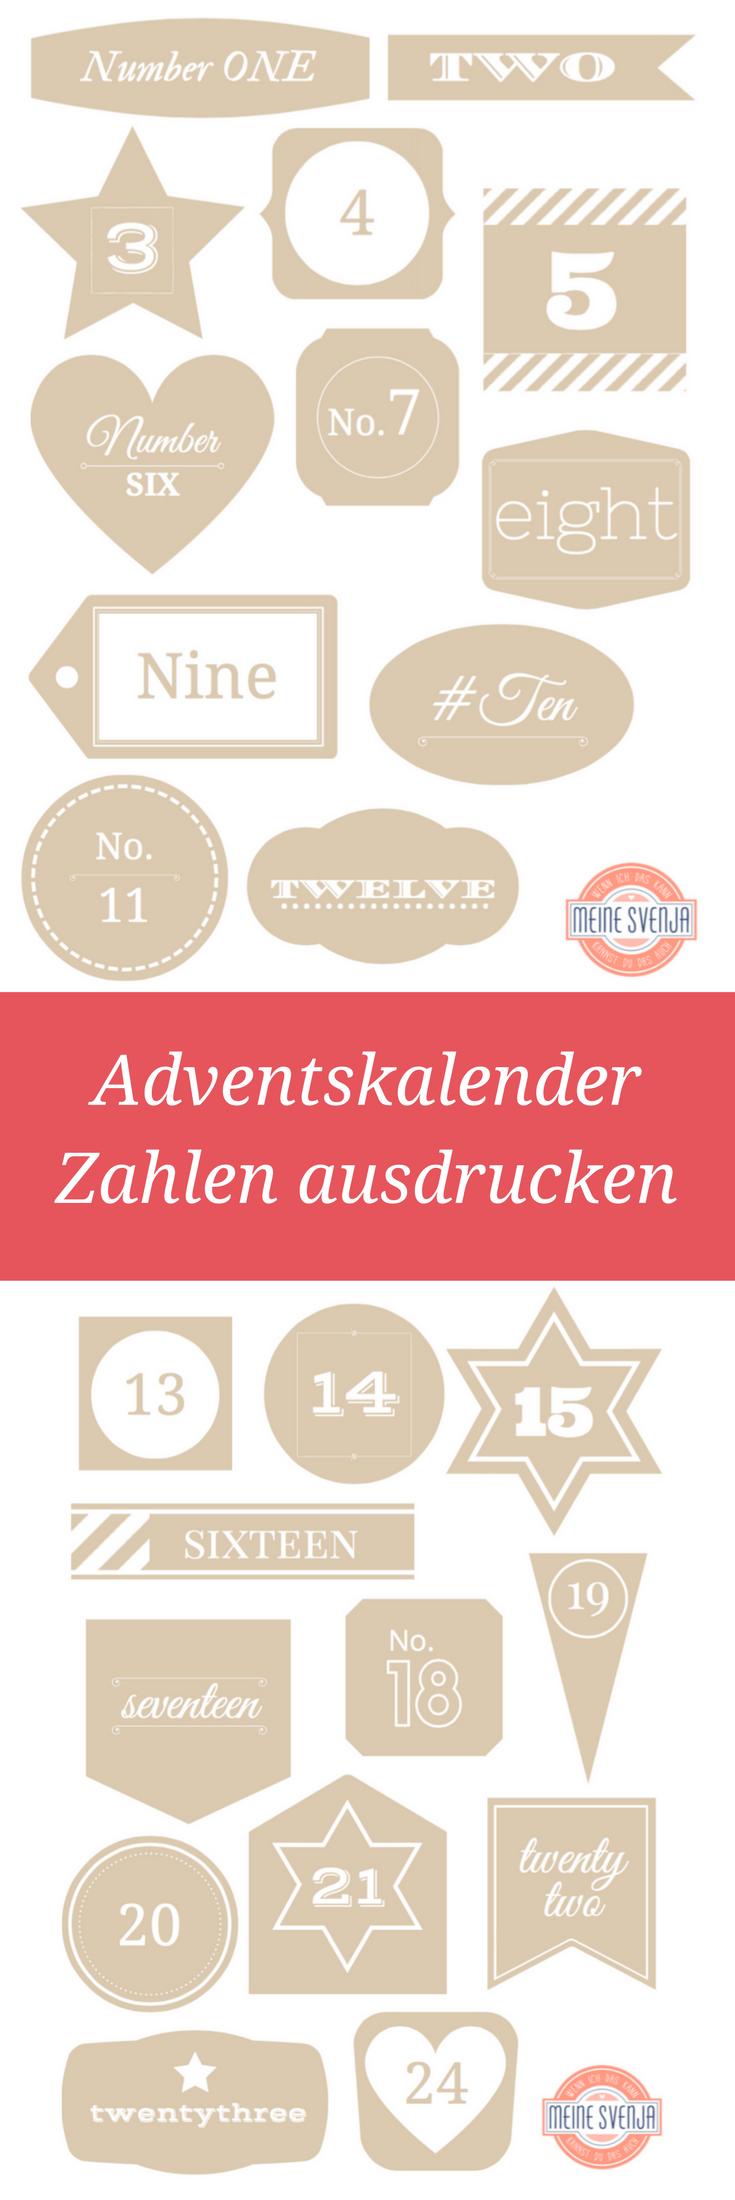 Adventskalender Zahlen ausdrucken - KOSTENLOS!!! Zahlen Vorlage zum Ausdrucken - ein Weihnachts-Freebie von meinesvenja.